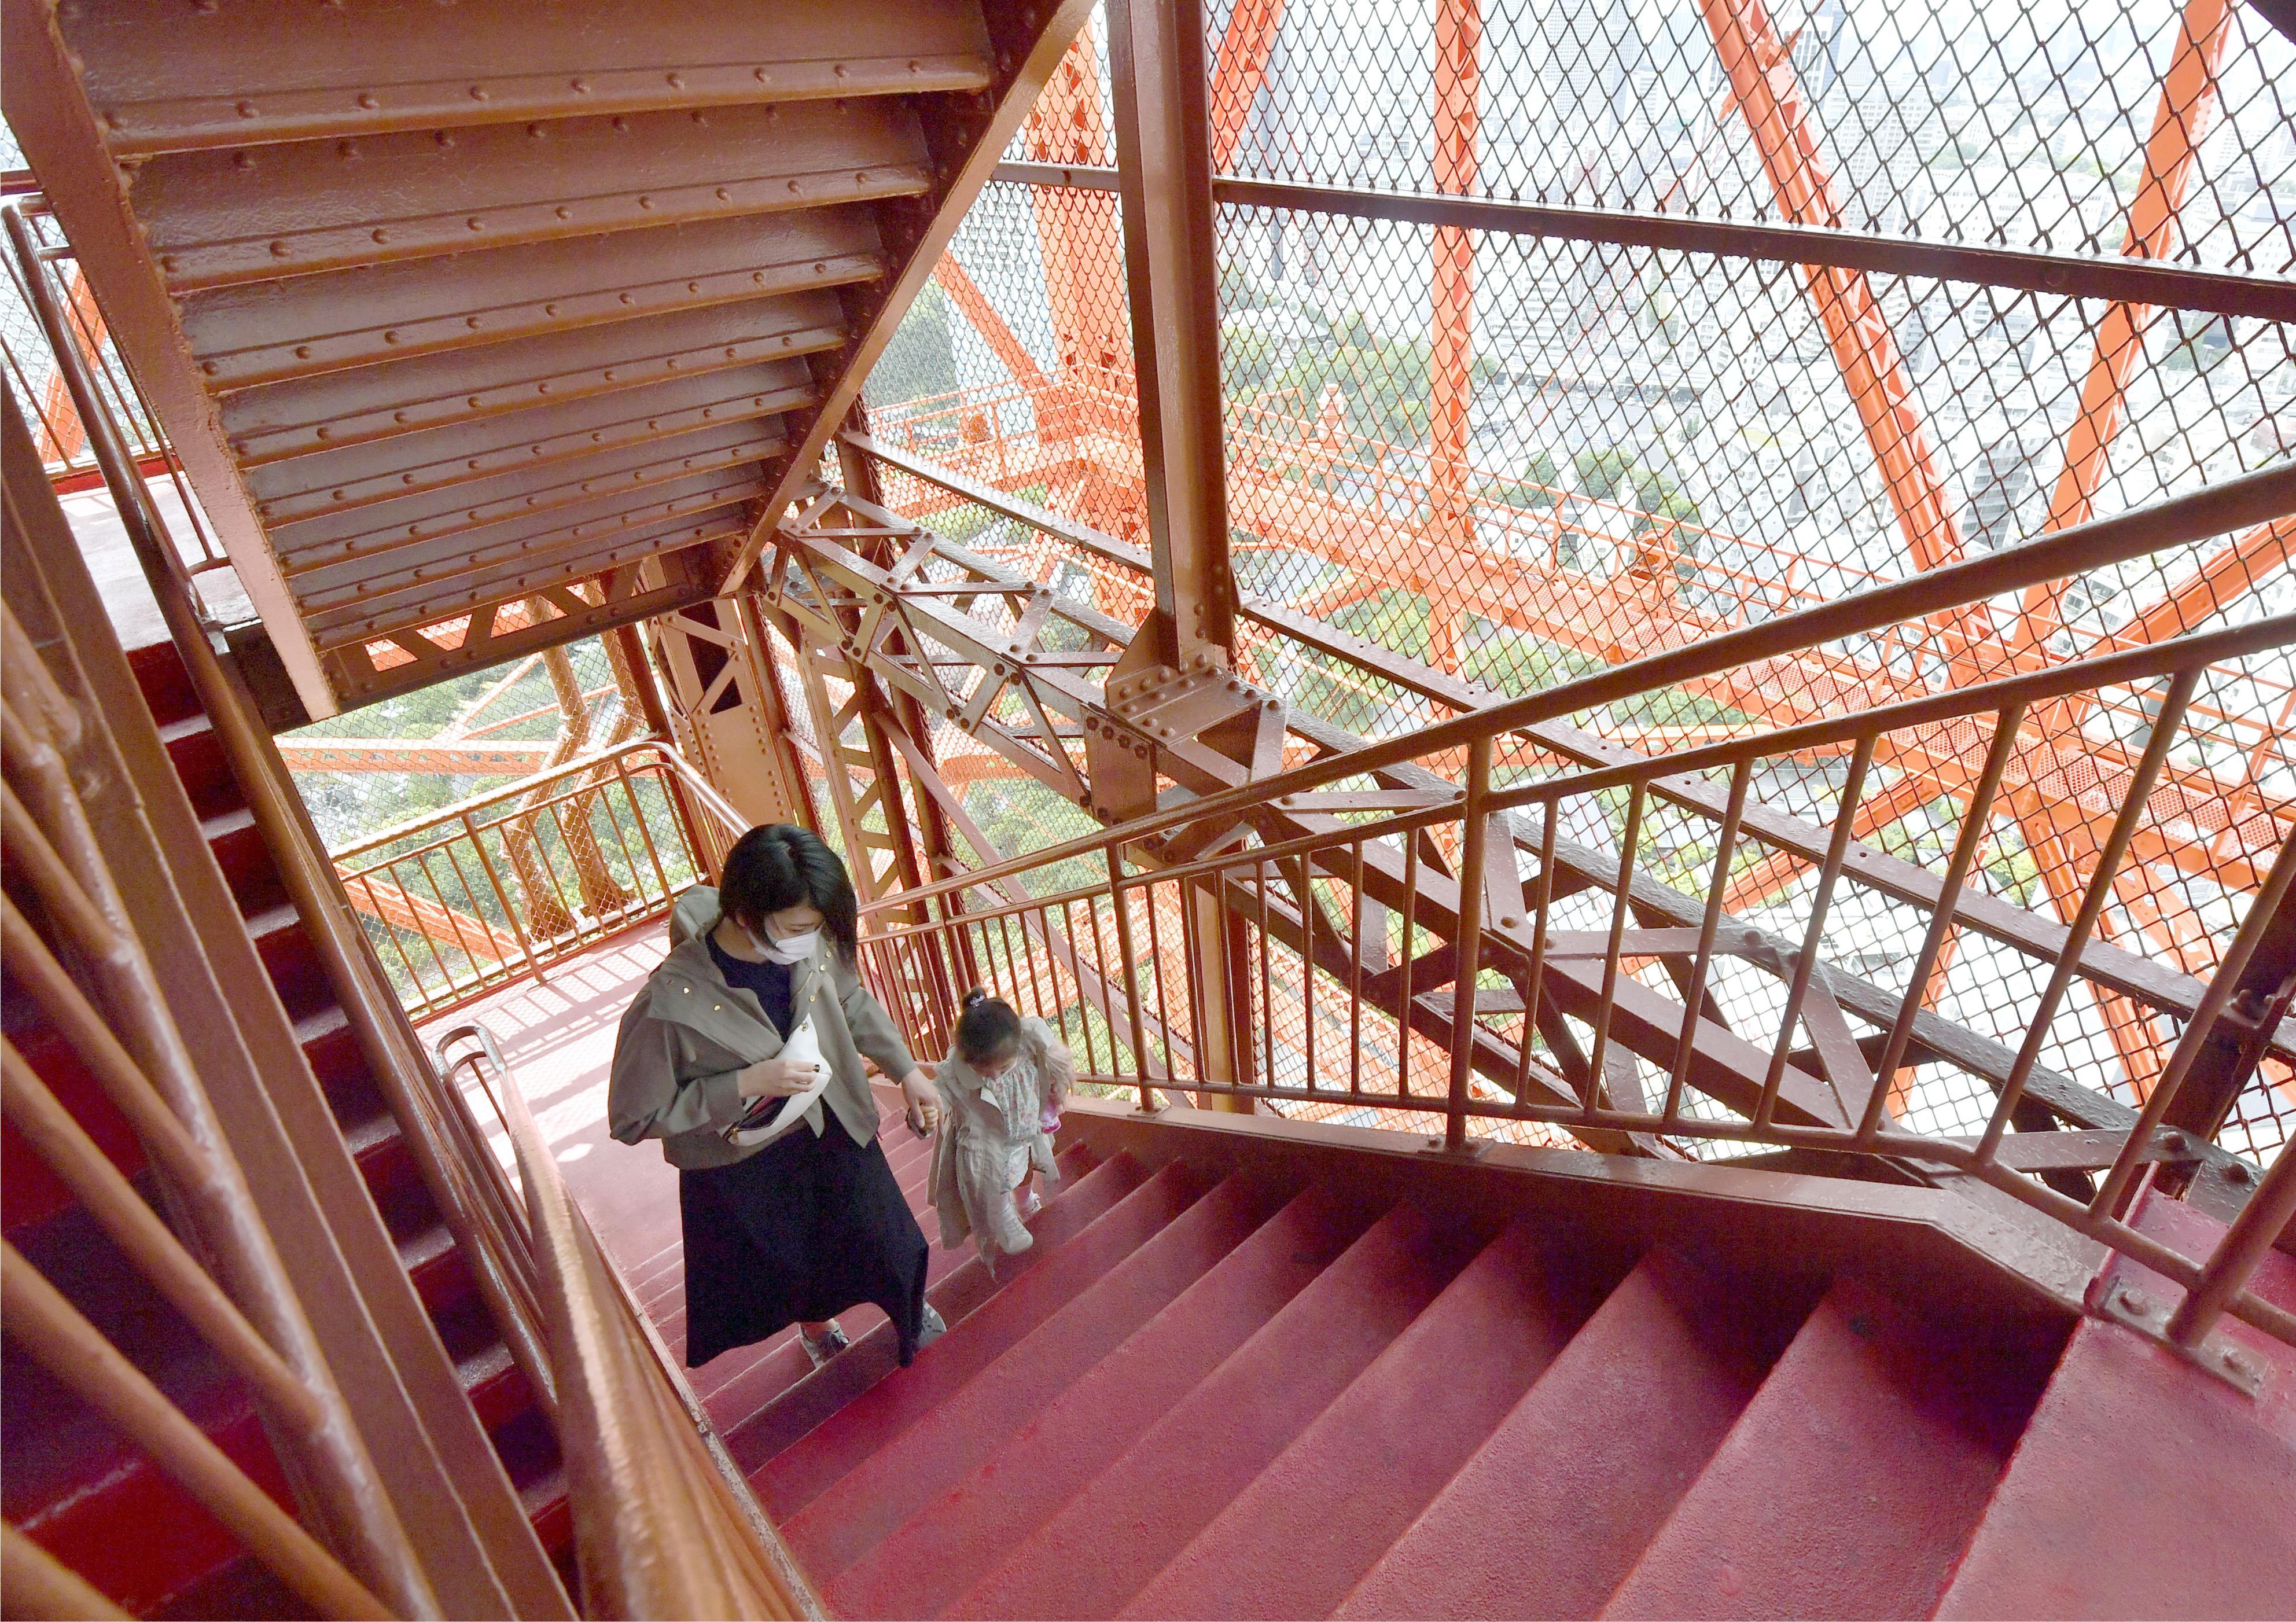 営業が再開された東京タワーで、外階段を上って展望台を目指す親子=28日午前、東京都港区